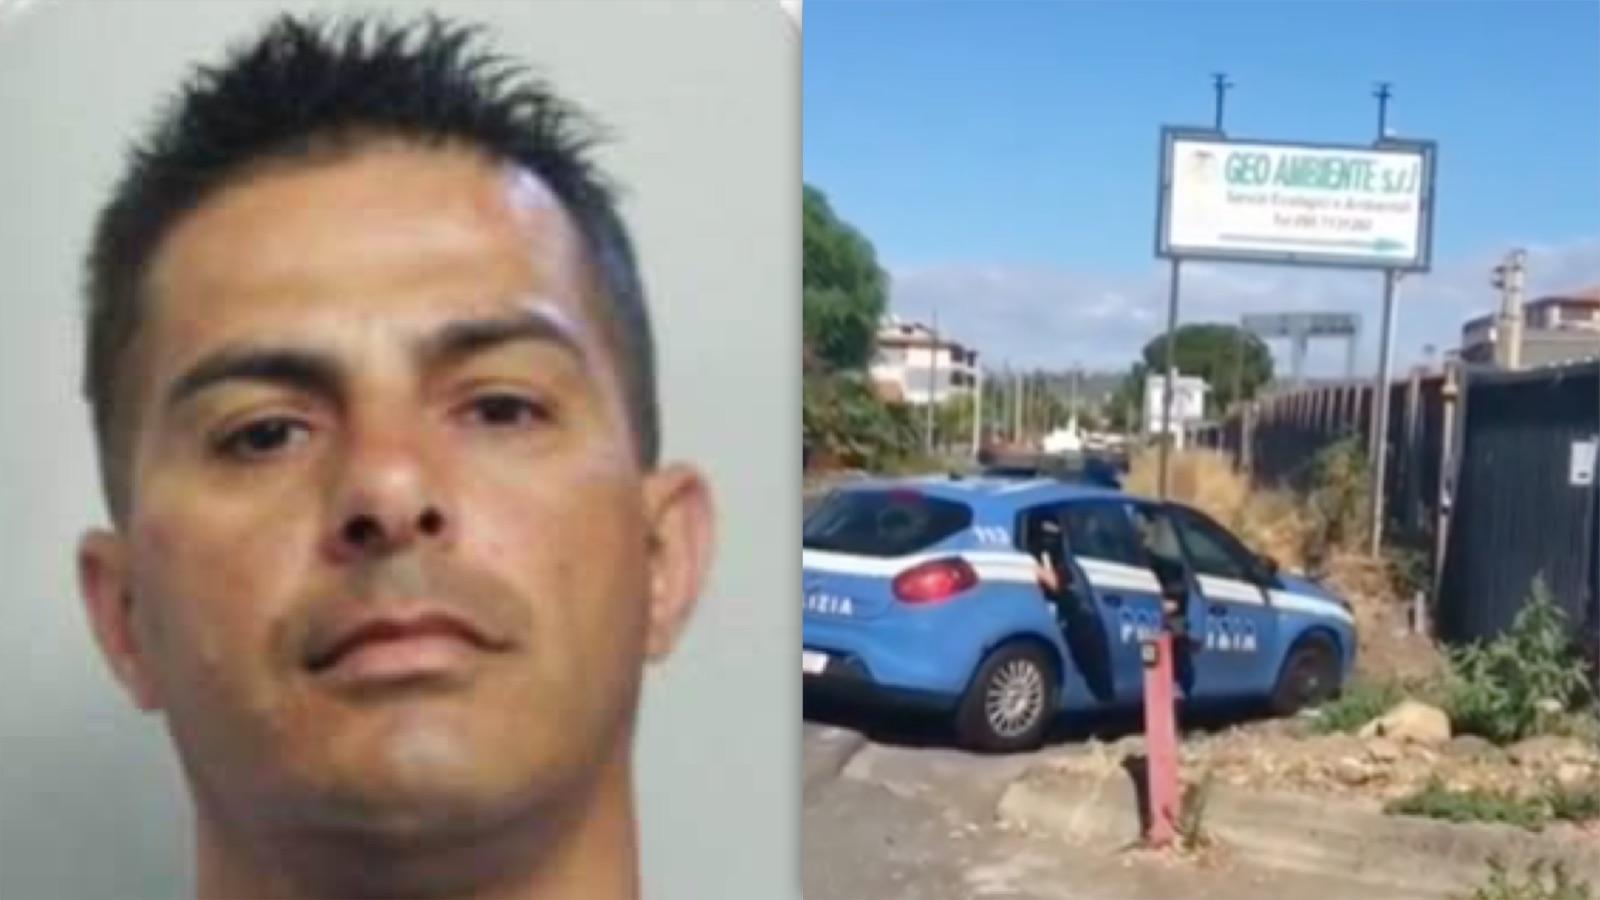 Catania, confiscati beni per 12 mln a Guglielmino: è vicino a clan Cappello